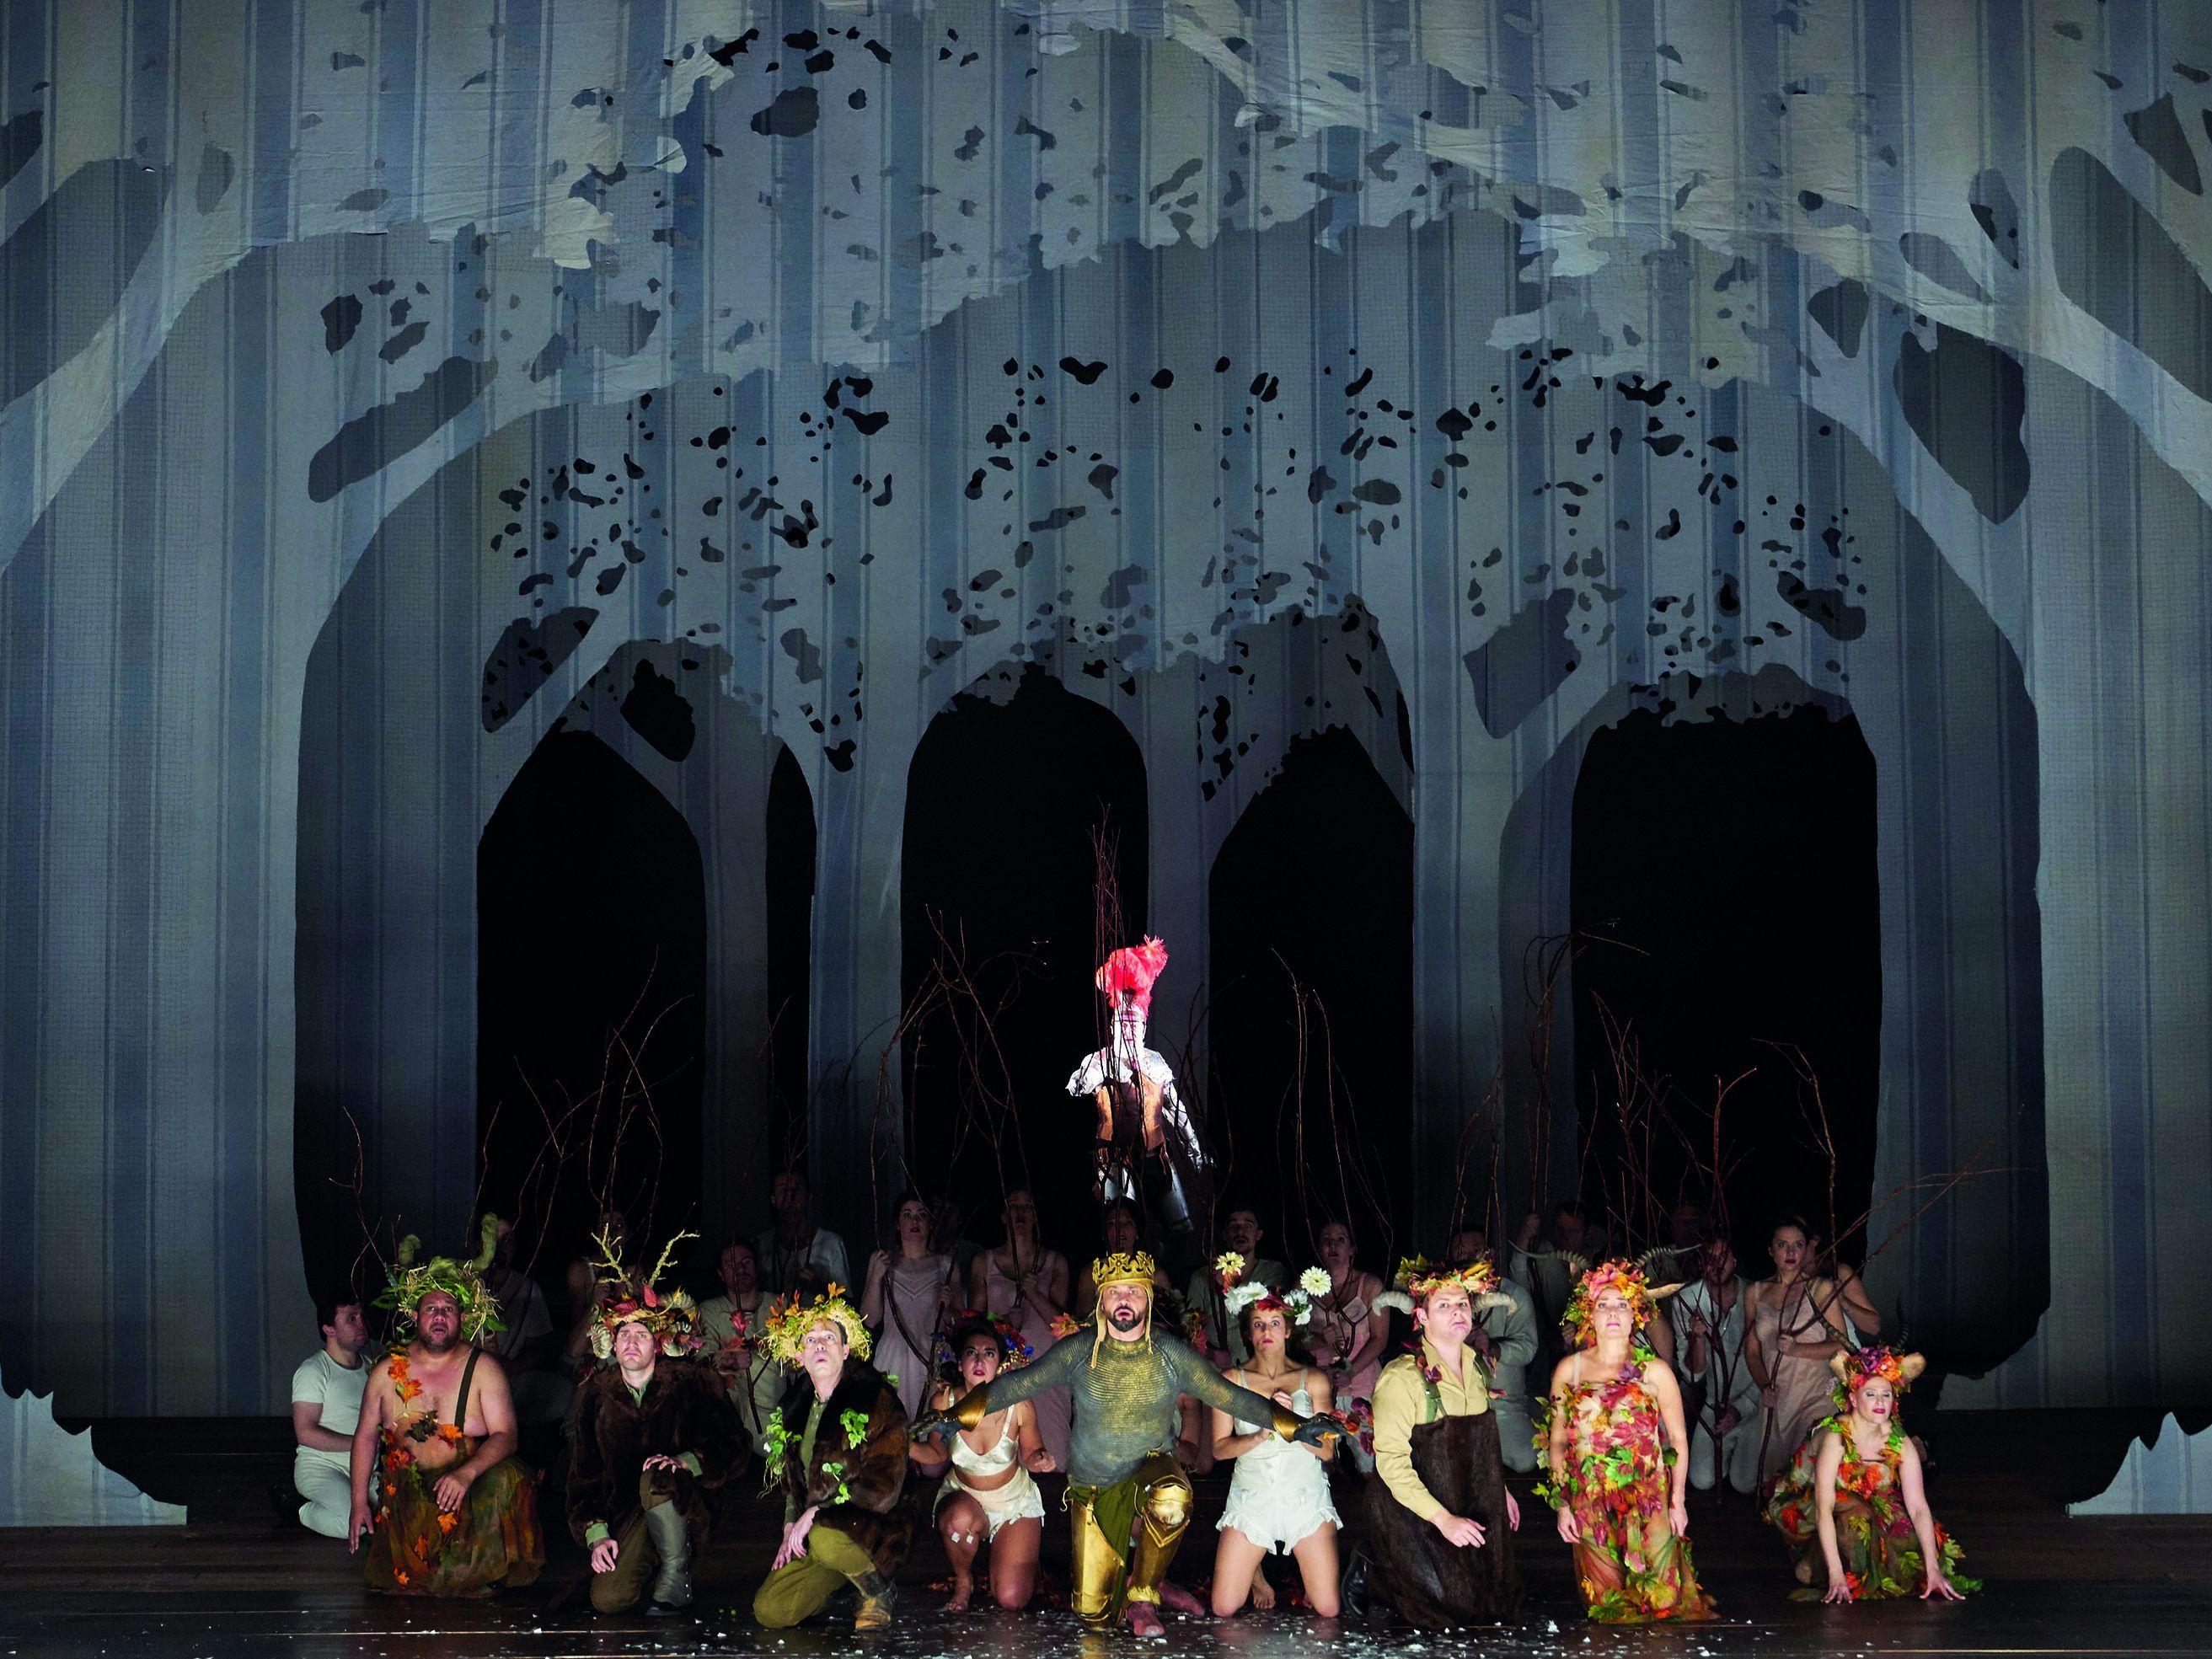 Bildergebnis für theater an der wien king arthur